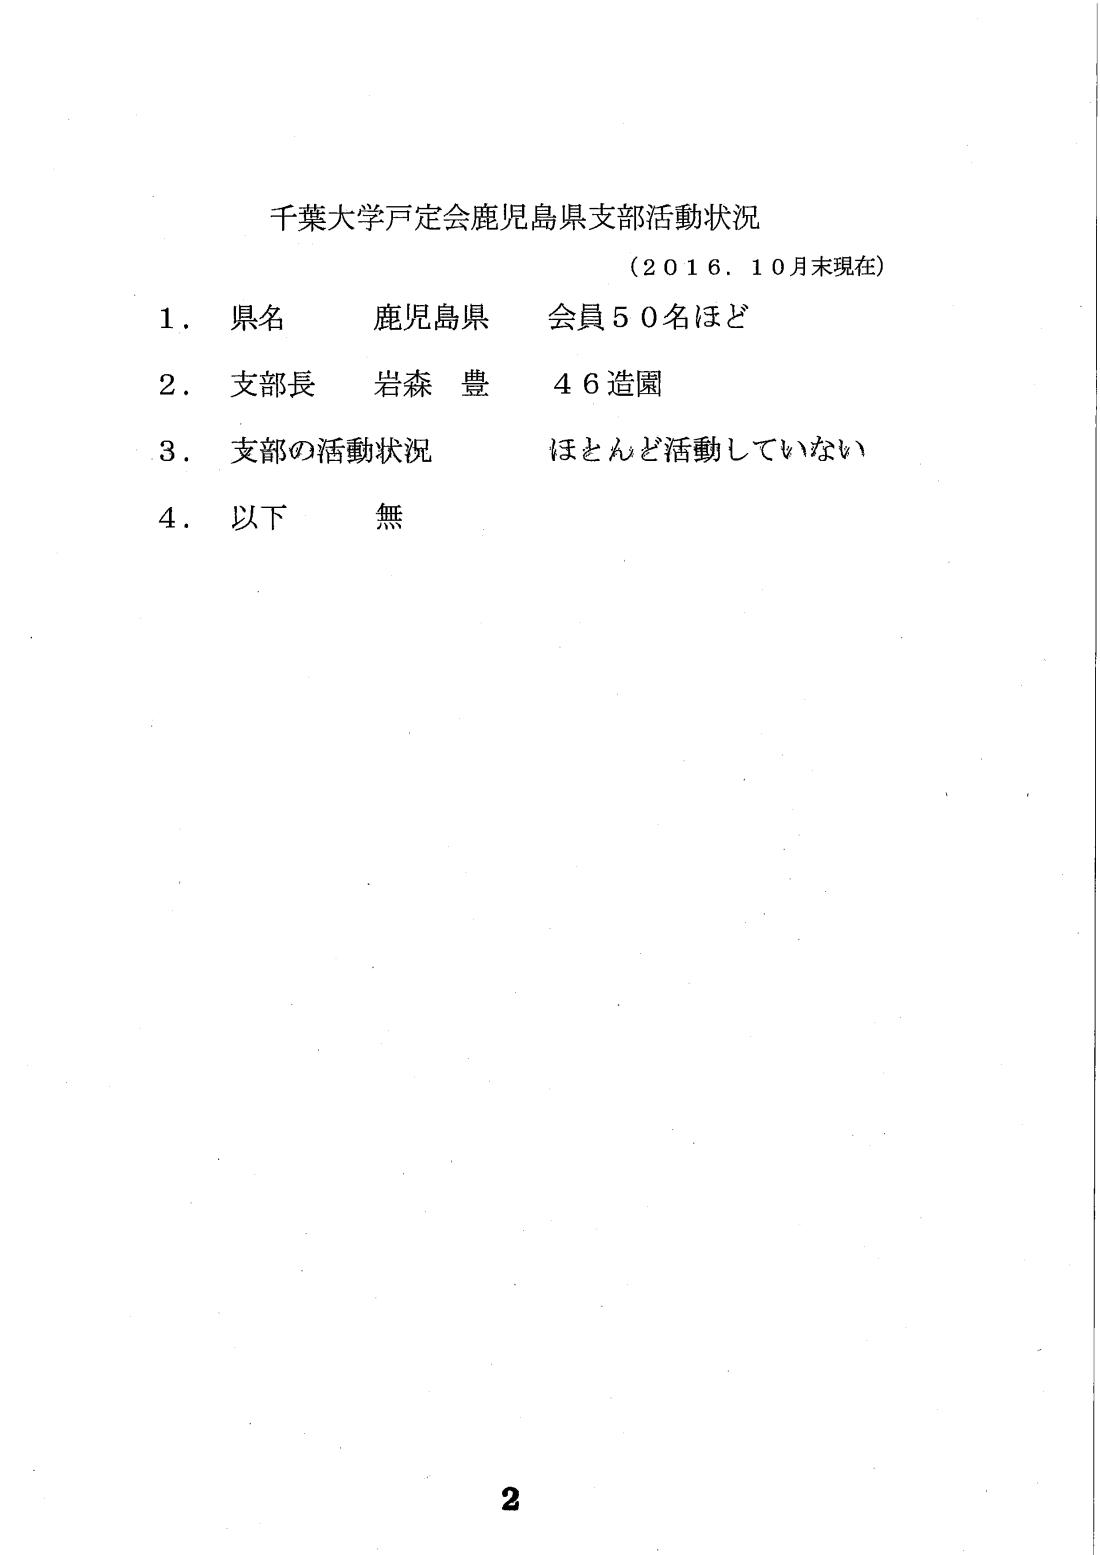 戸定会九州支部長等会議資料_ページ_4.png